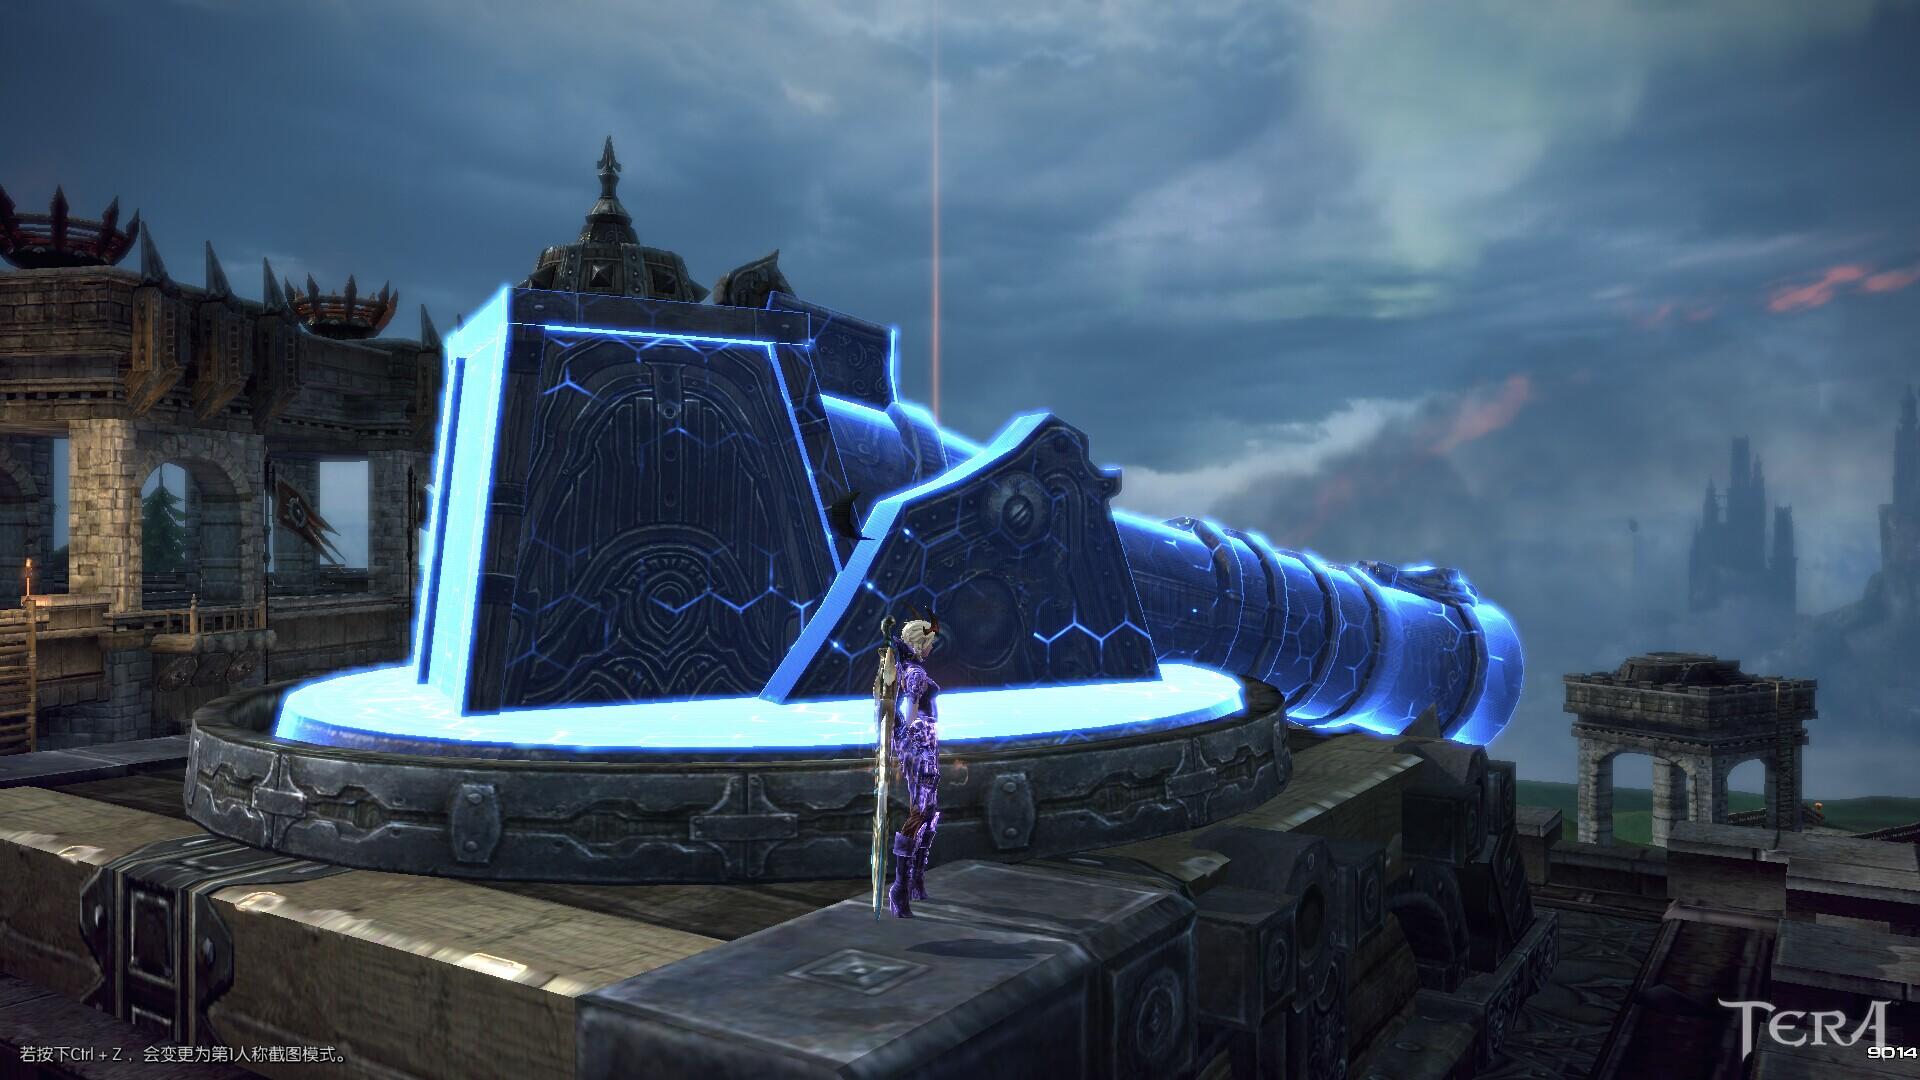 《TERA》炮火战场怎么玩 统一装备平衡性高